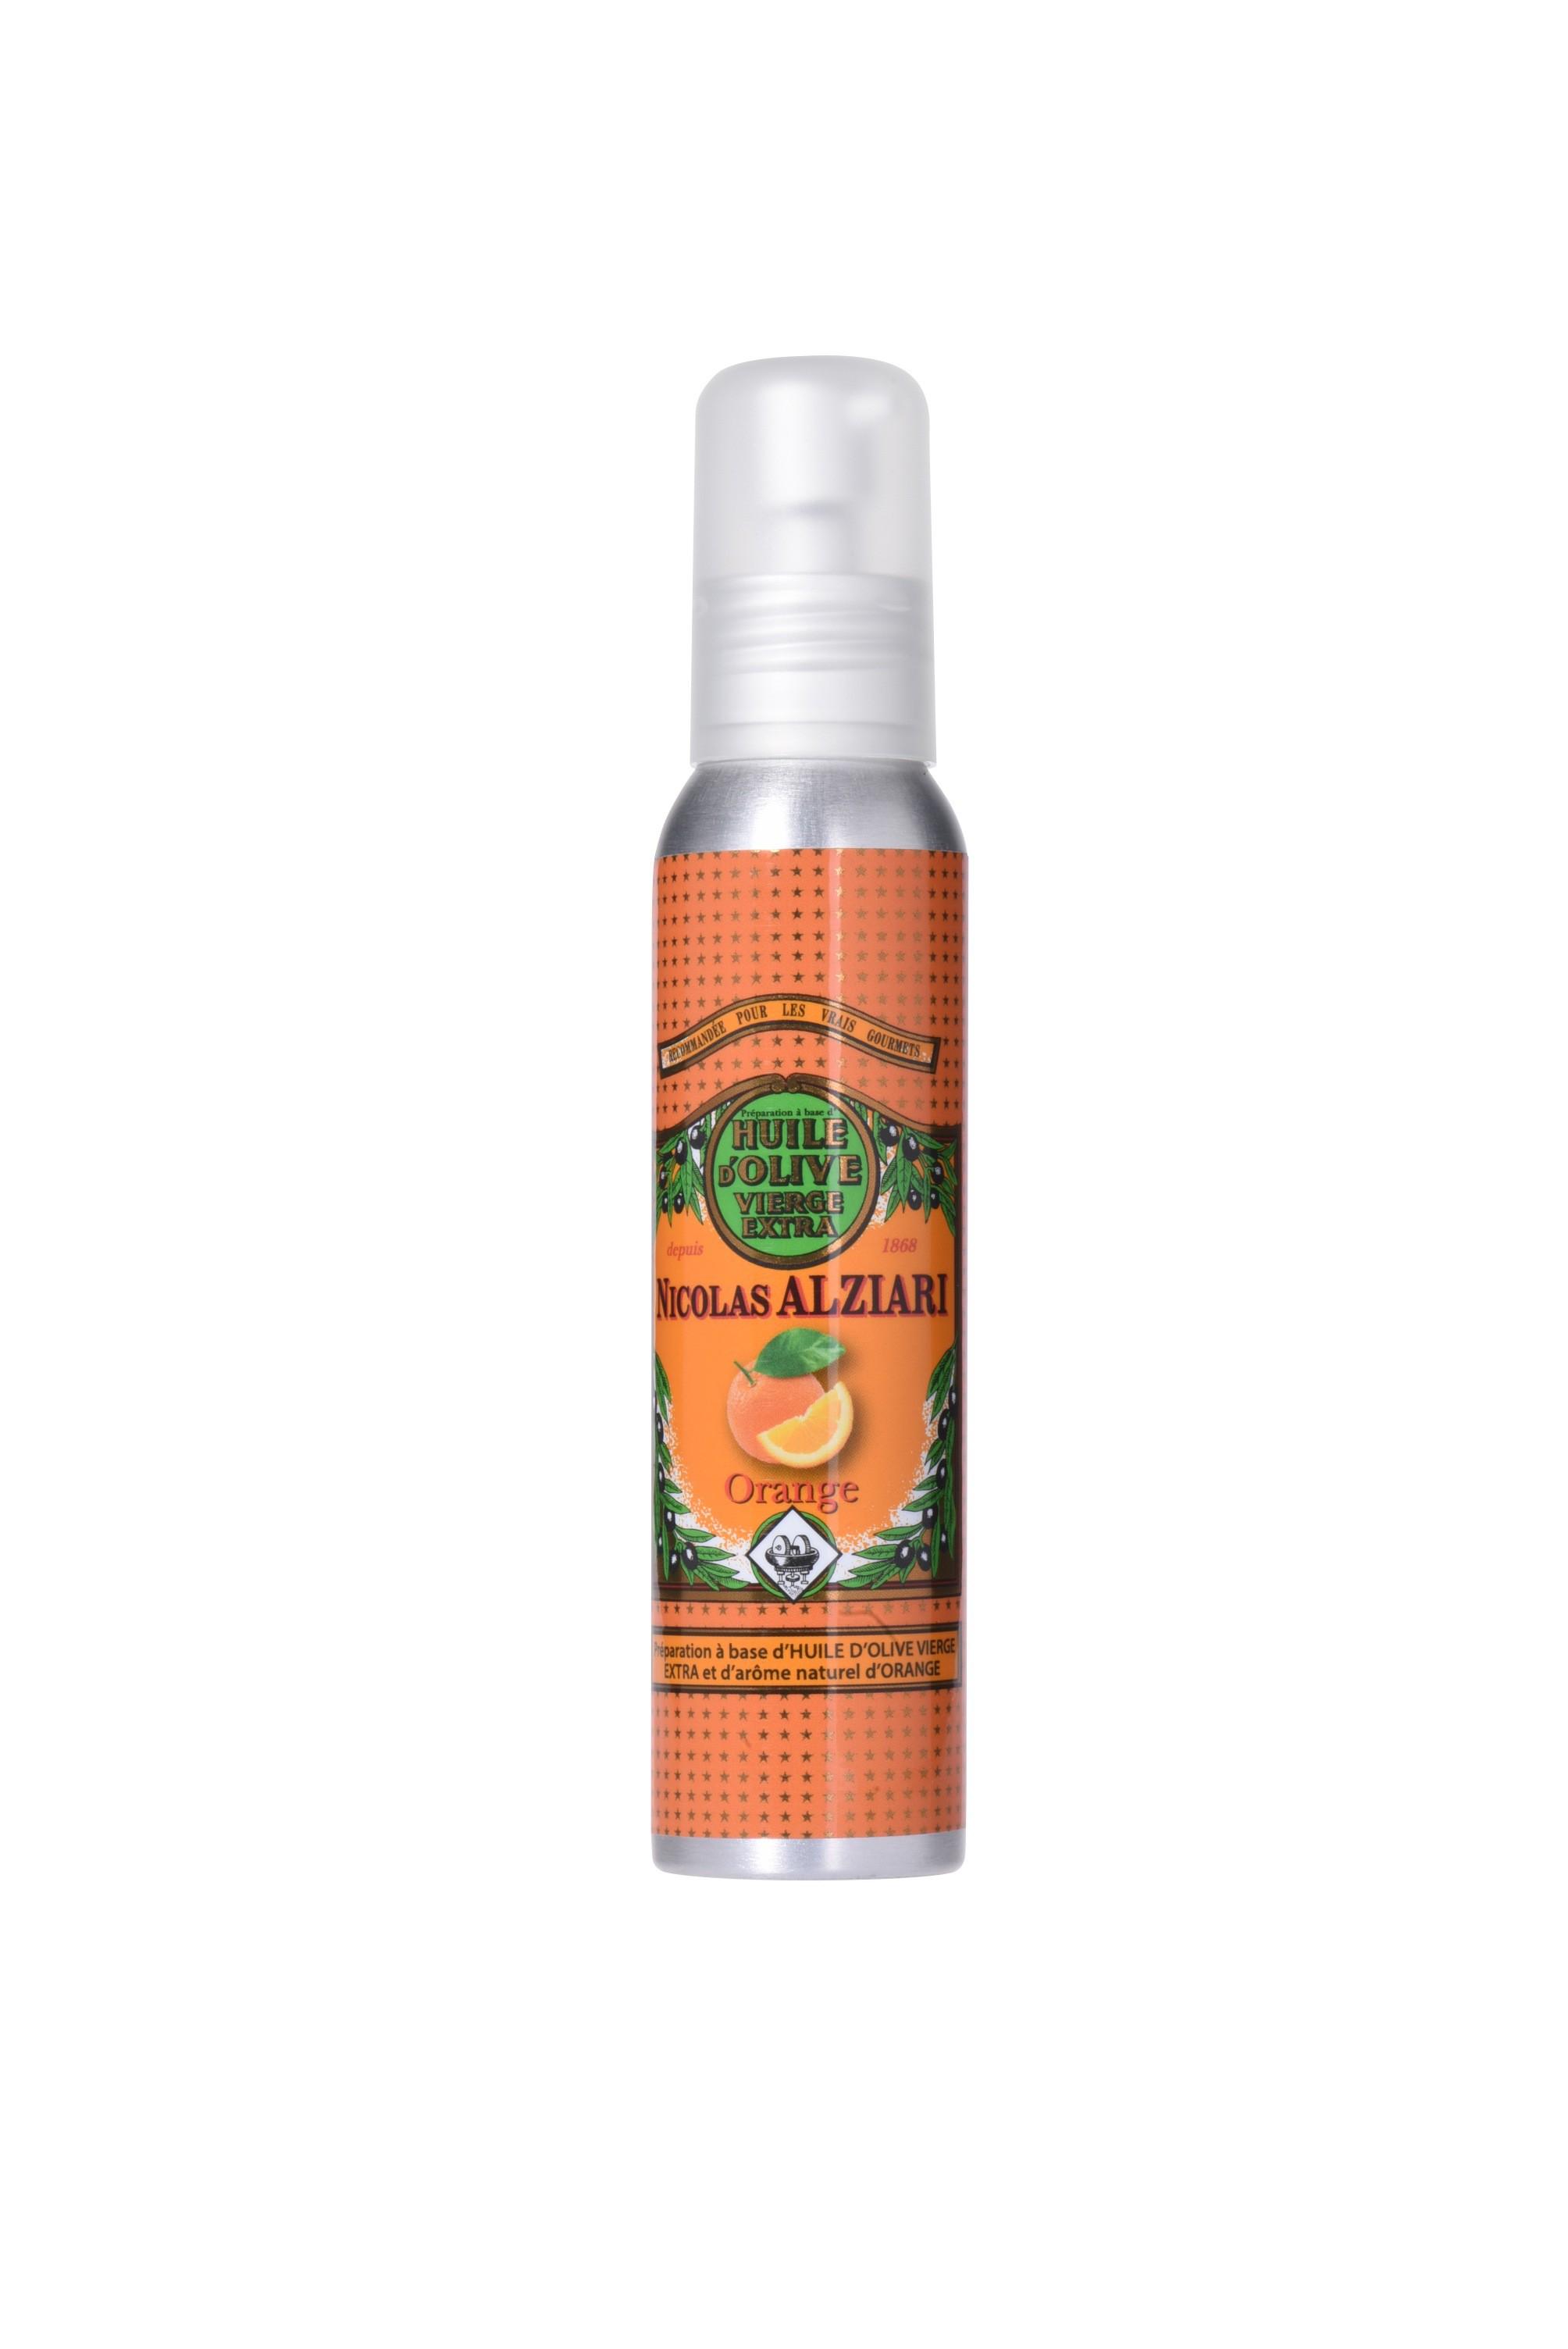 ORANGE - Préparation culinaire à base d'huile d'olive et d'arôme naturel ORANGE 100 ML